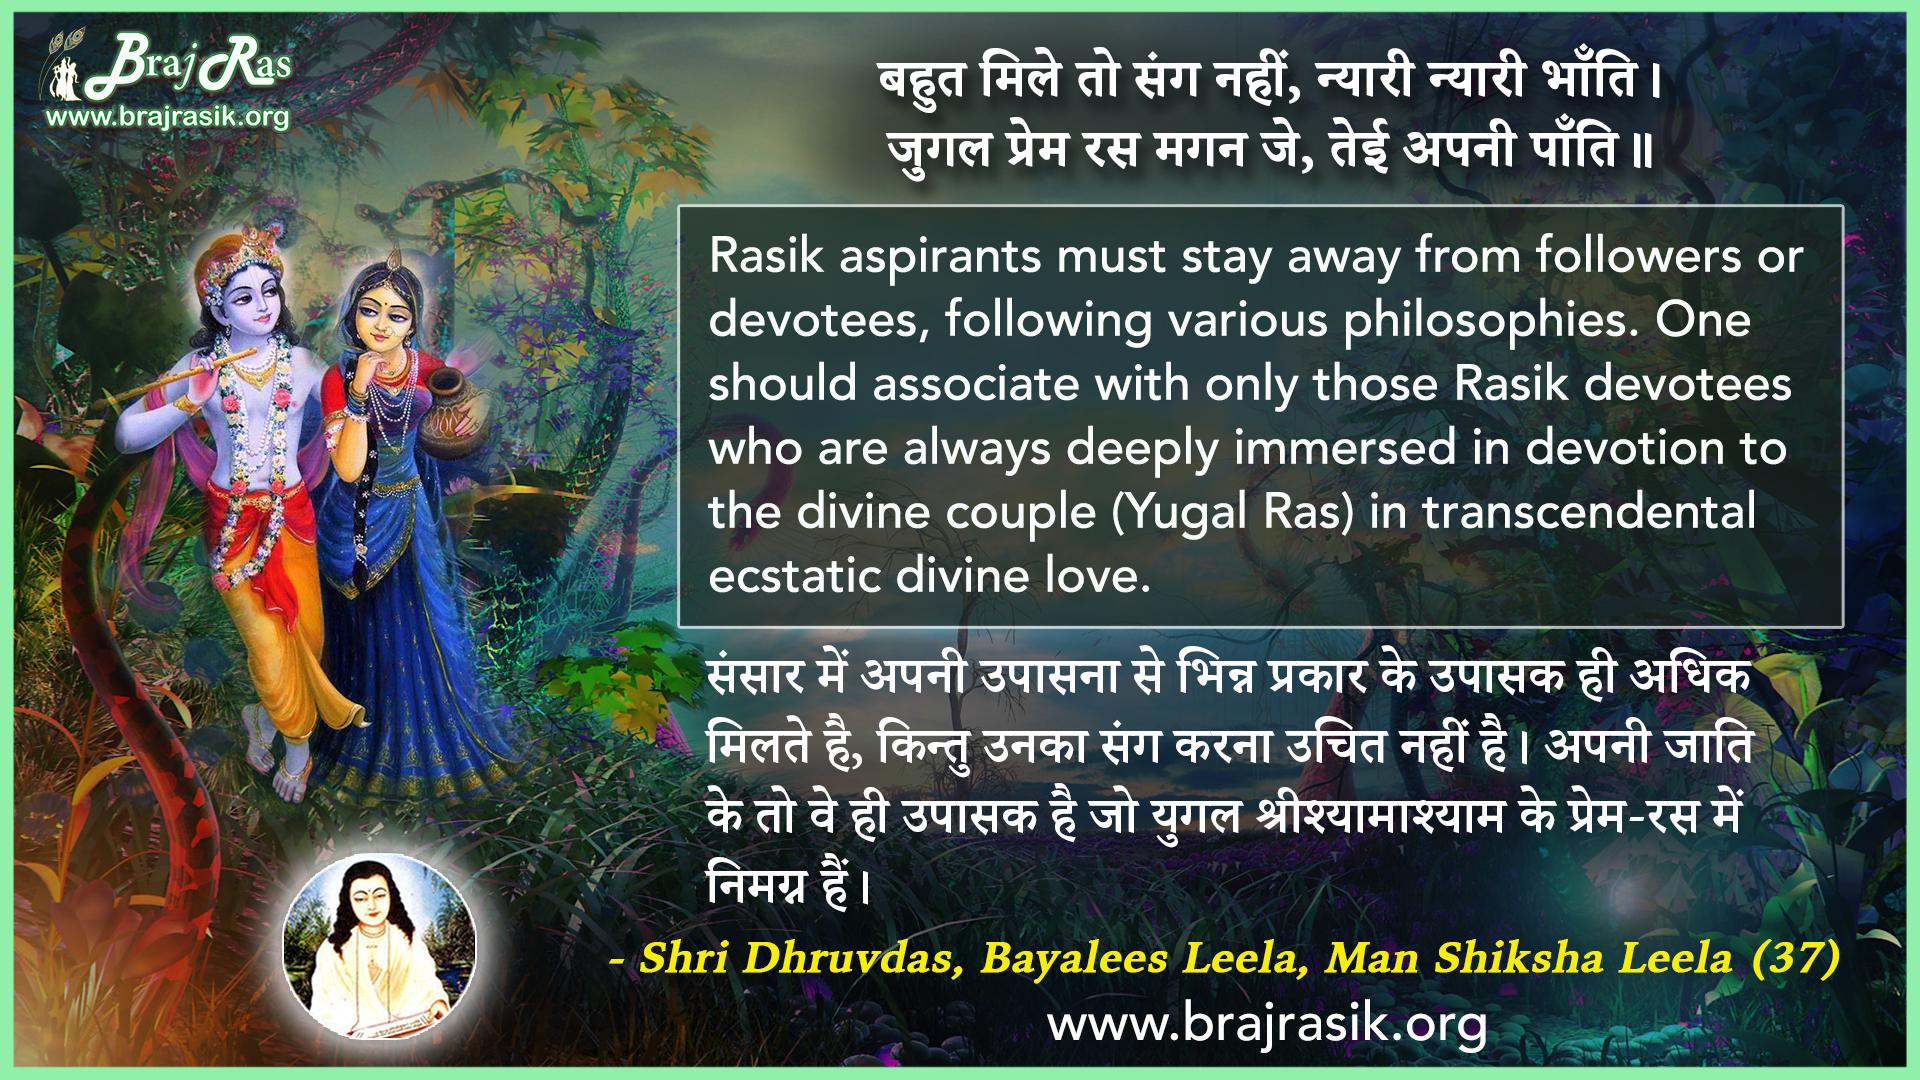 Bahut milei so sanga nahin - Shri Dhruvdas, Bayalees Leela, Man Shiksha Leela (37)